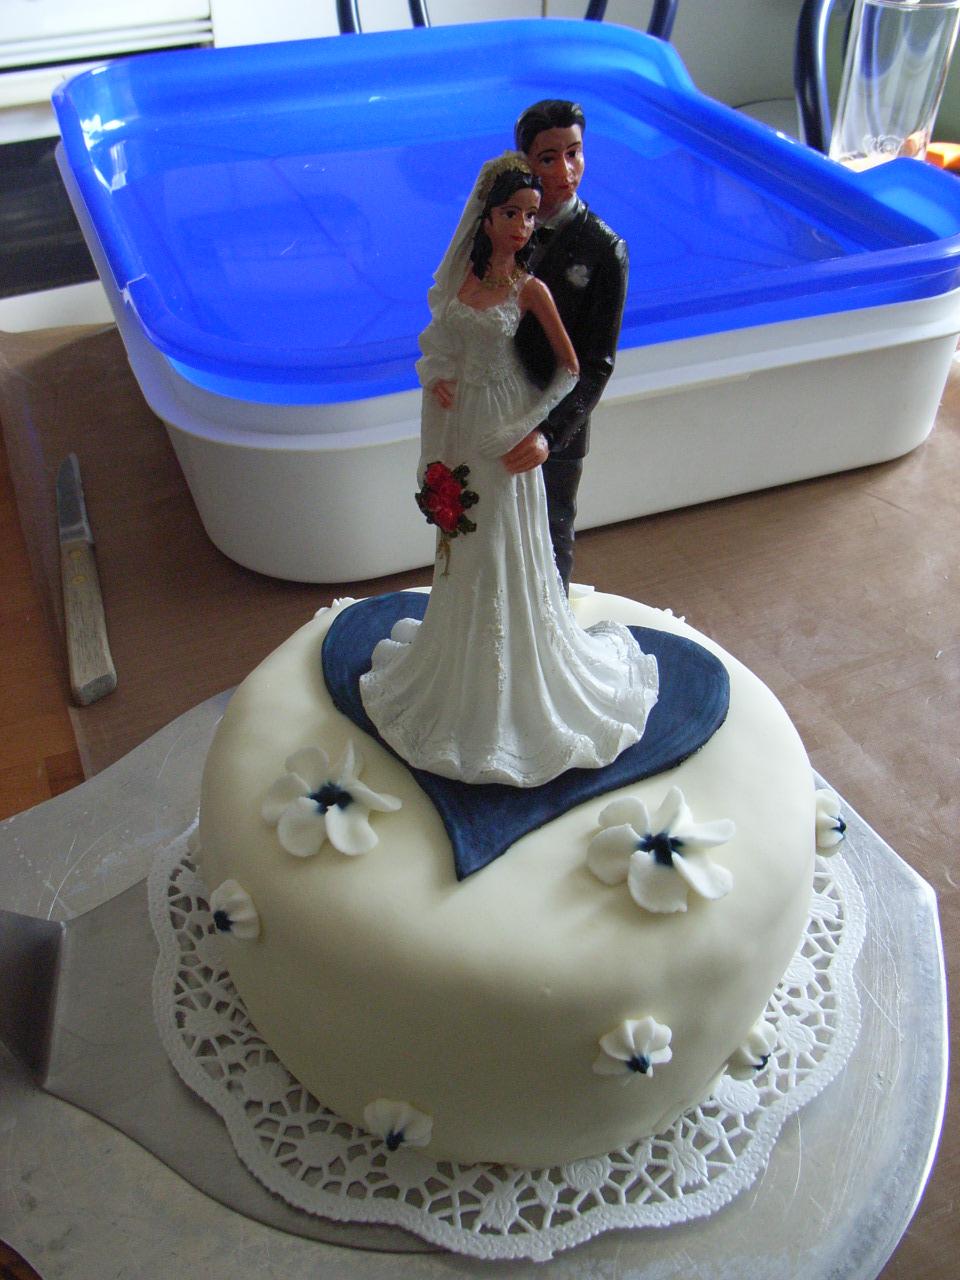 Hochzeitstorte Fertig Ein Paar Graue Haare Mehr